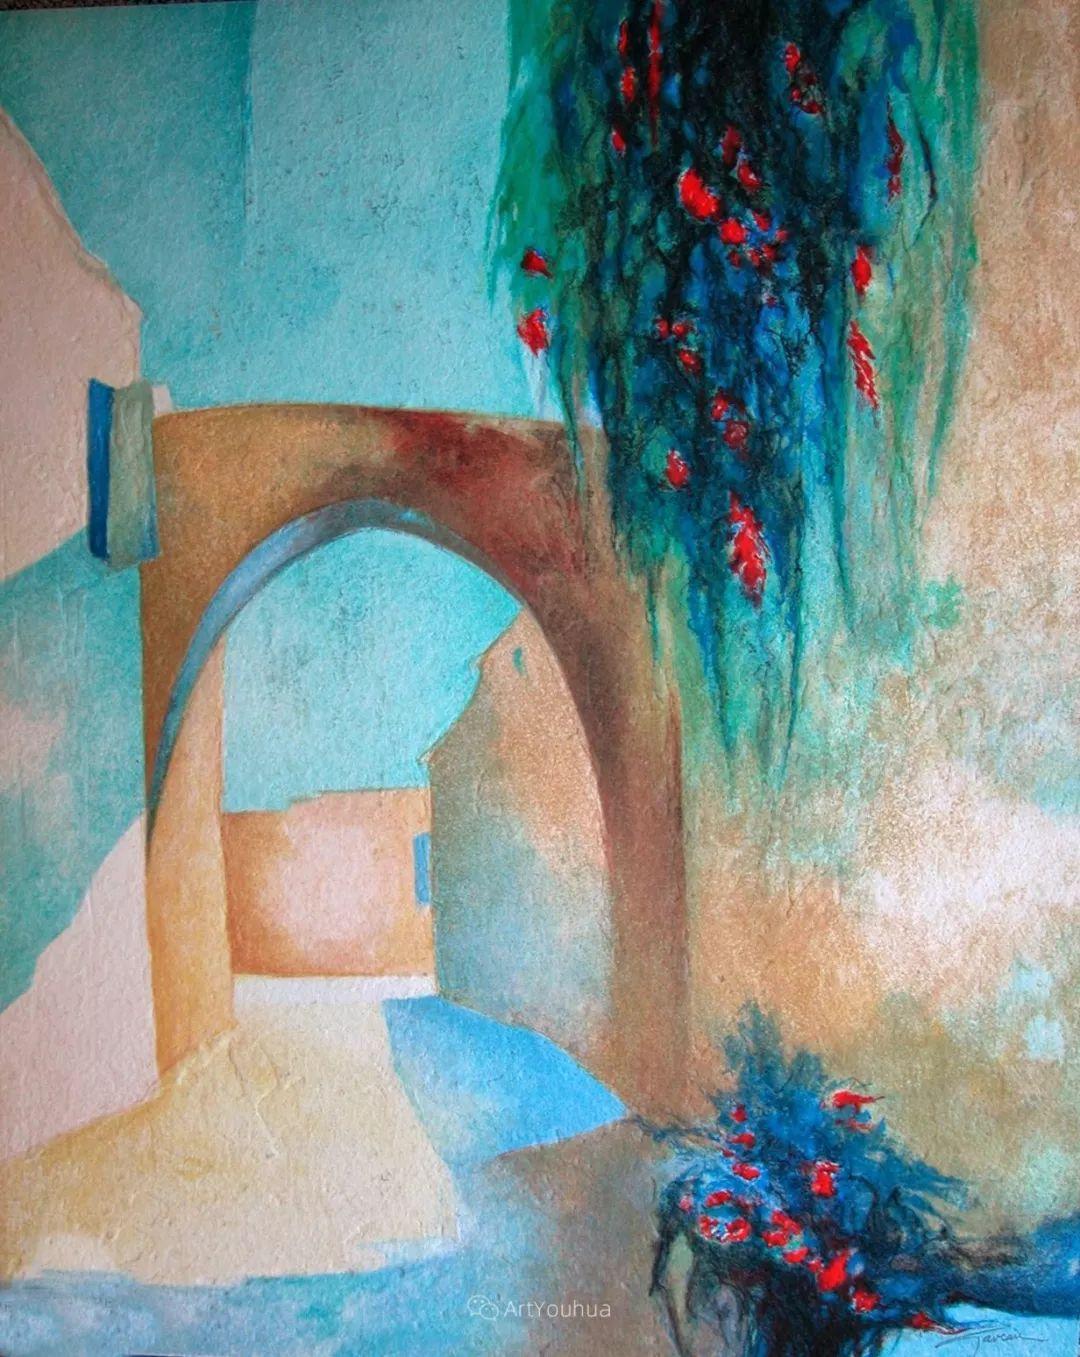 色彩和谐 色调鲜艳,法国抽象派装饰画家Claude Gaveau插图18